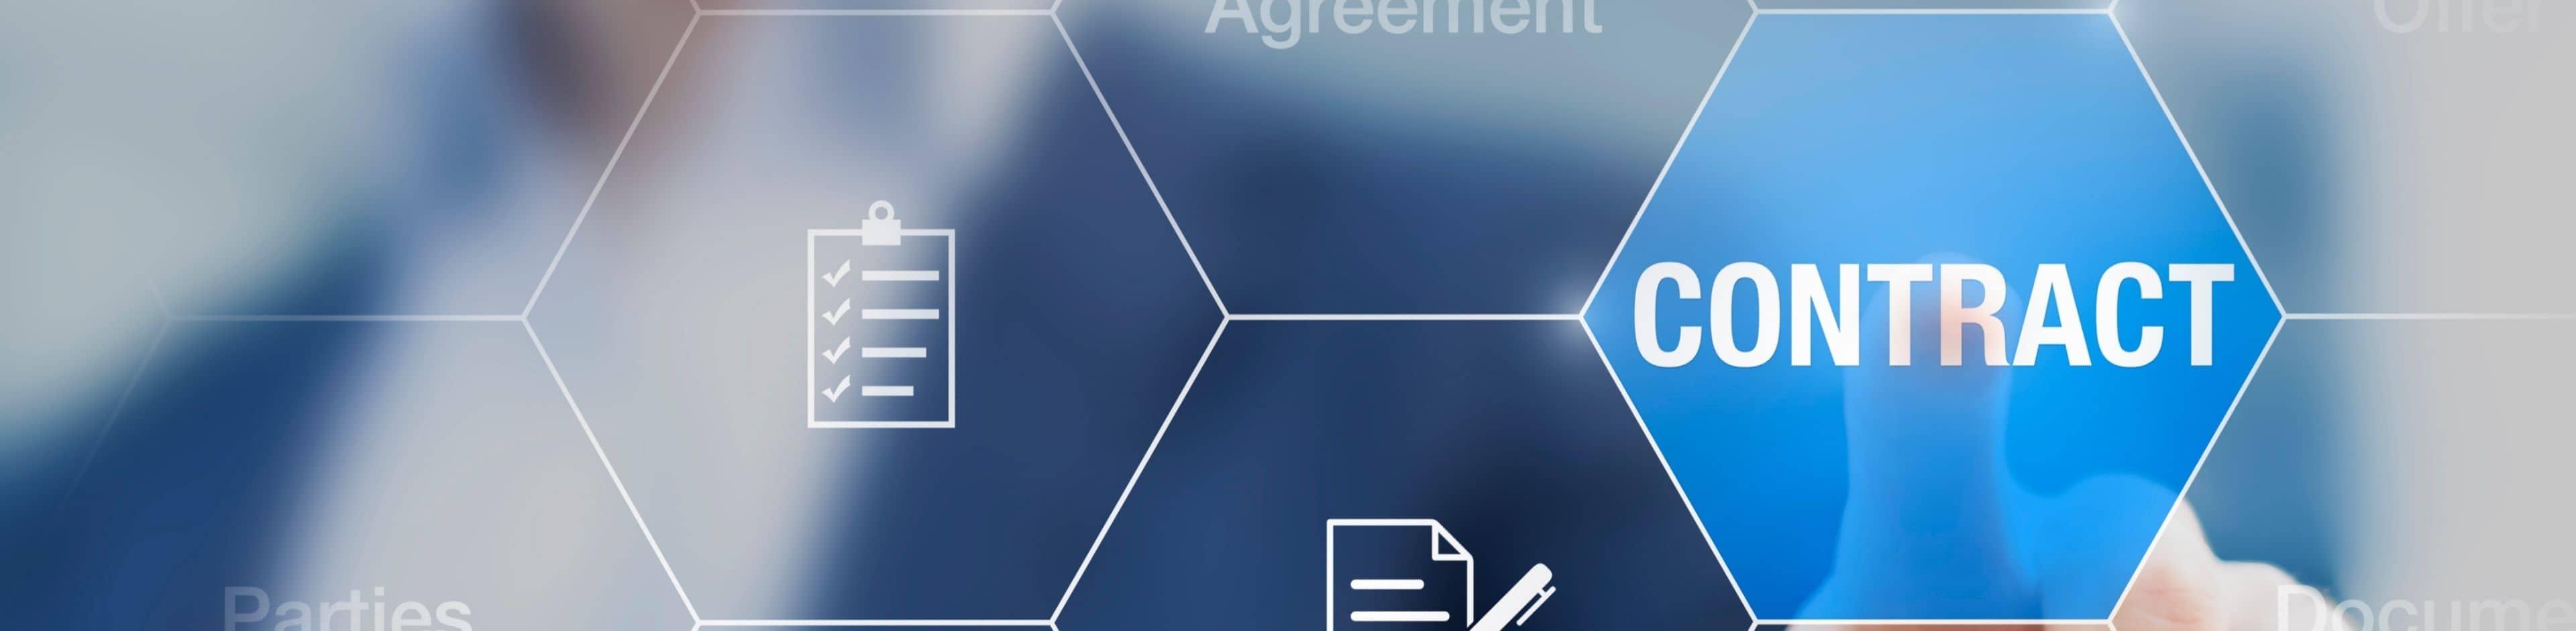 Contract Lifecycle Management: van 'handig' naar 'noodzakelijk'